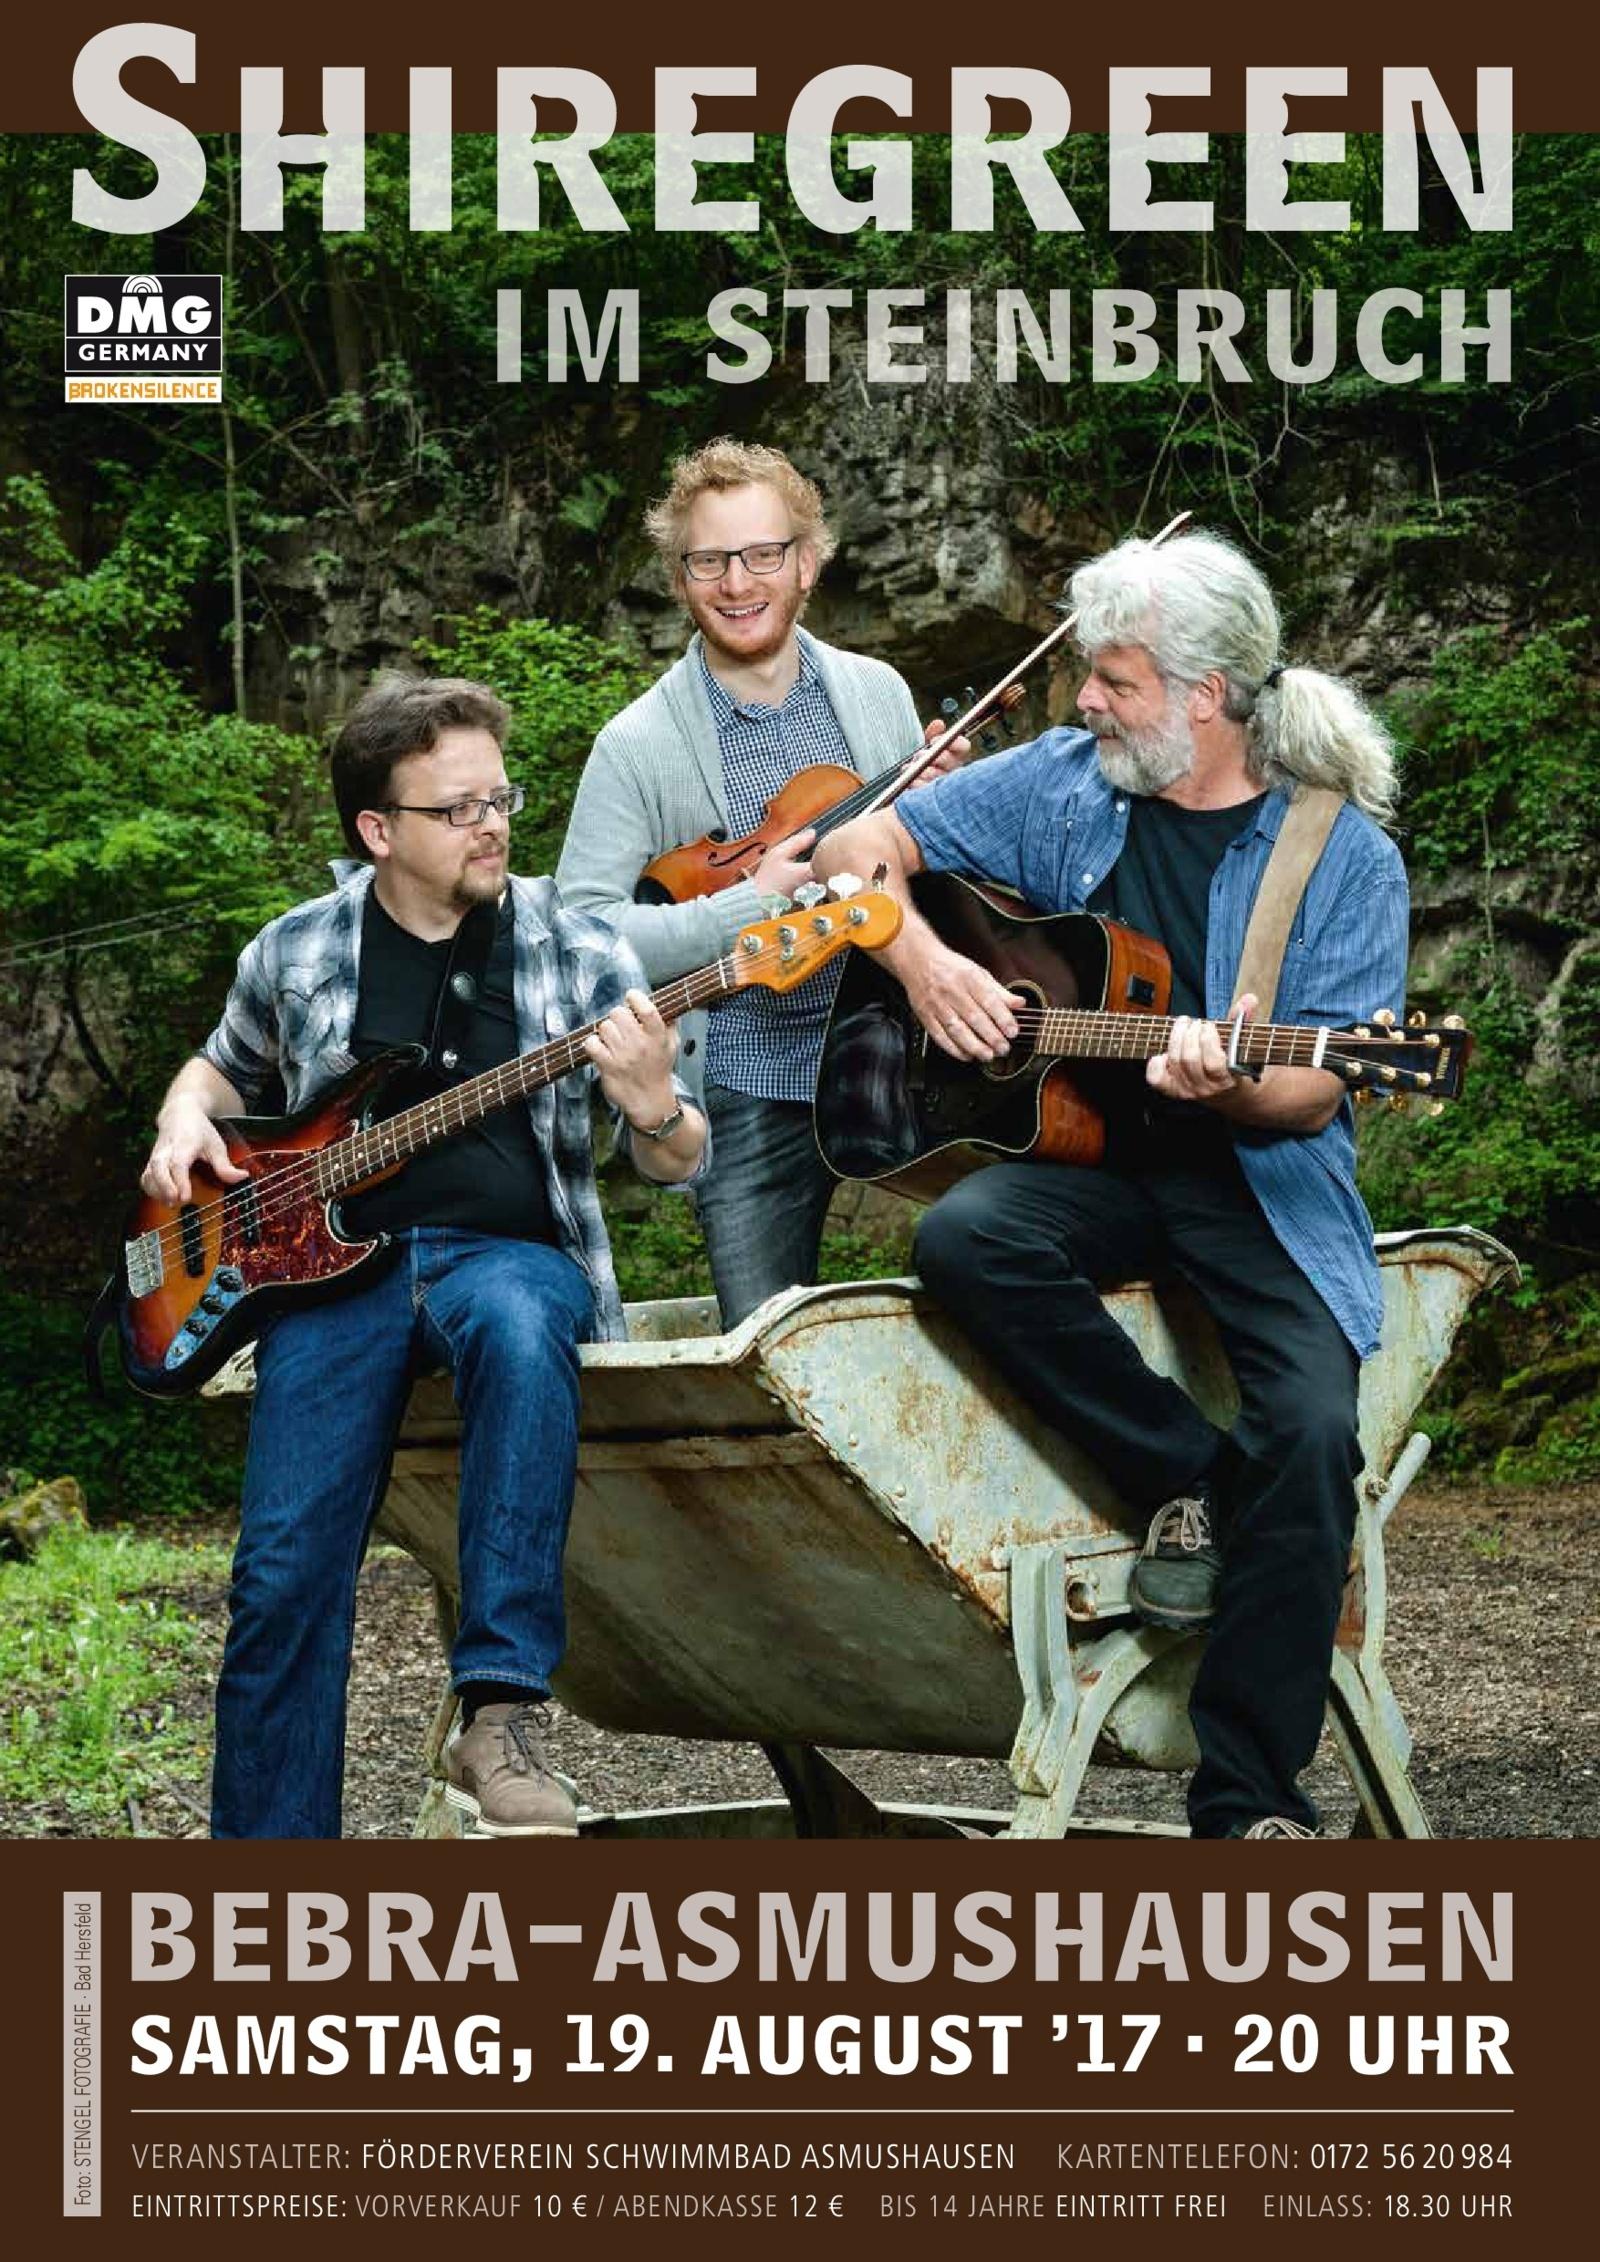 Shiregreen_Steinbruch_2017